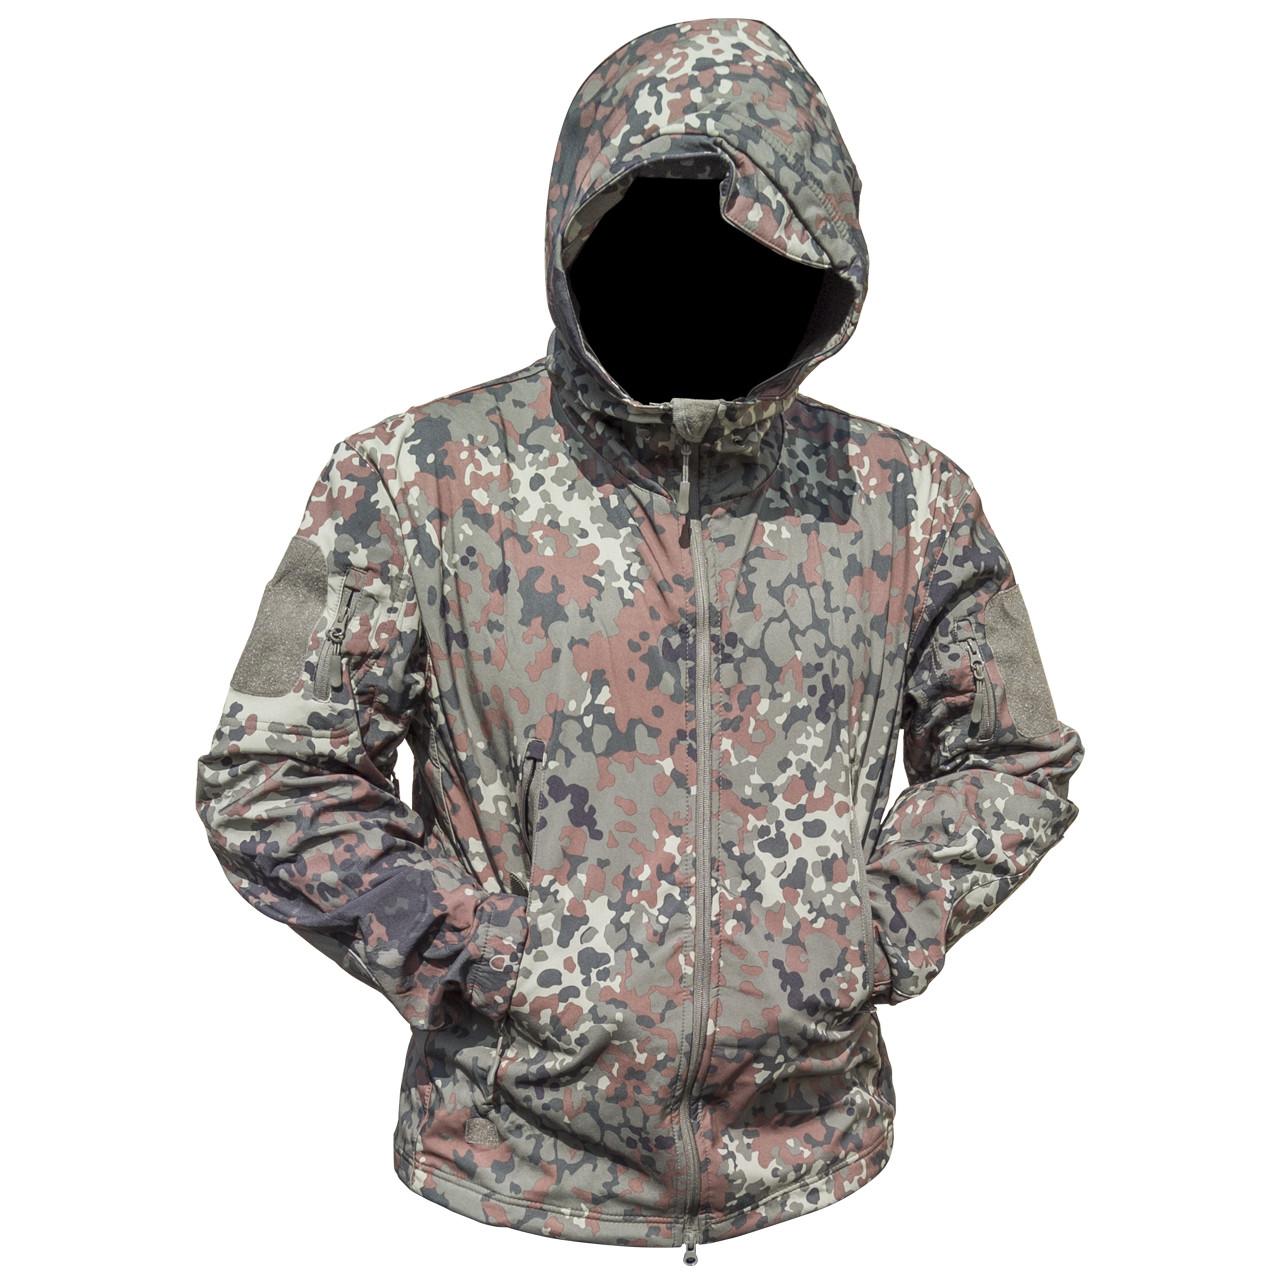 Тактична куртка Soft Shell Lesko A001 Camouflage ACU M вологозахищена вітрозахисна куртка камуфляж